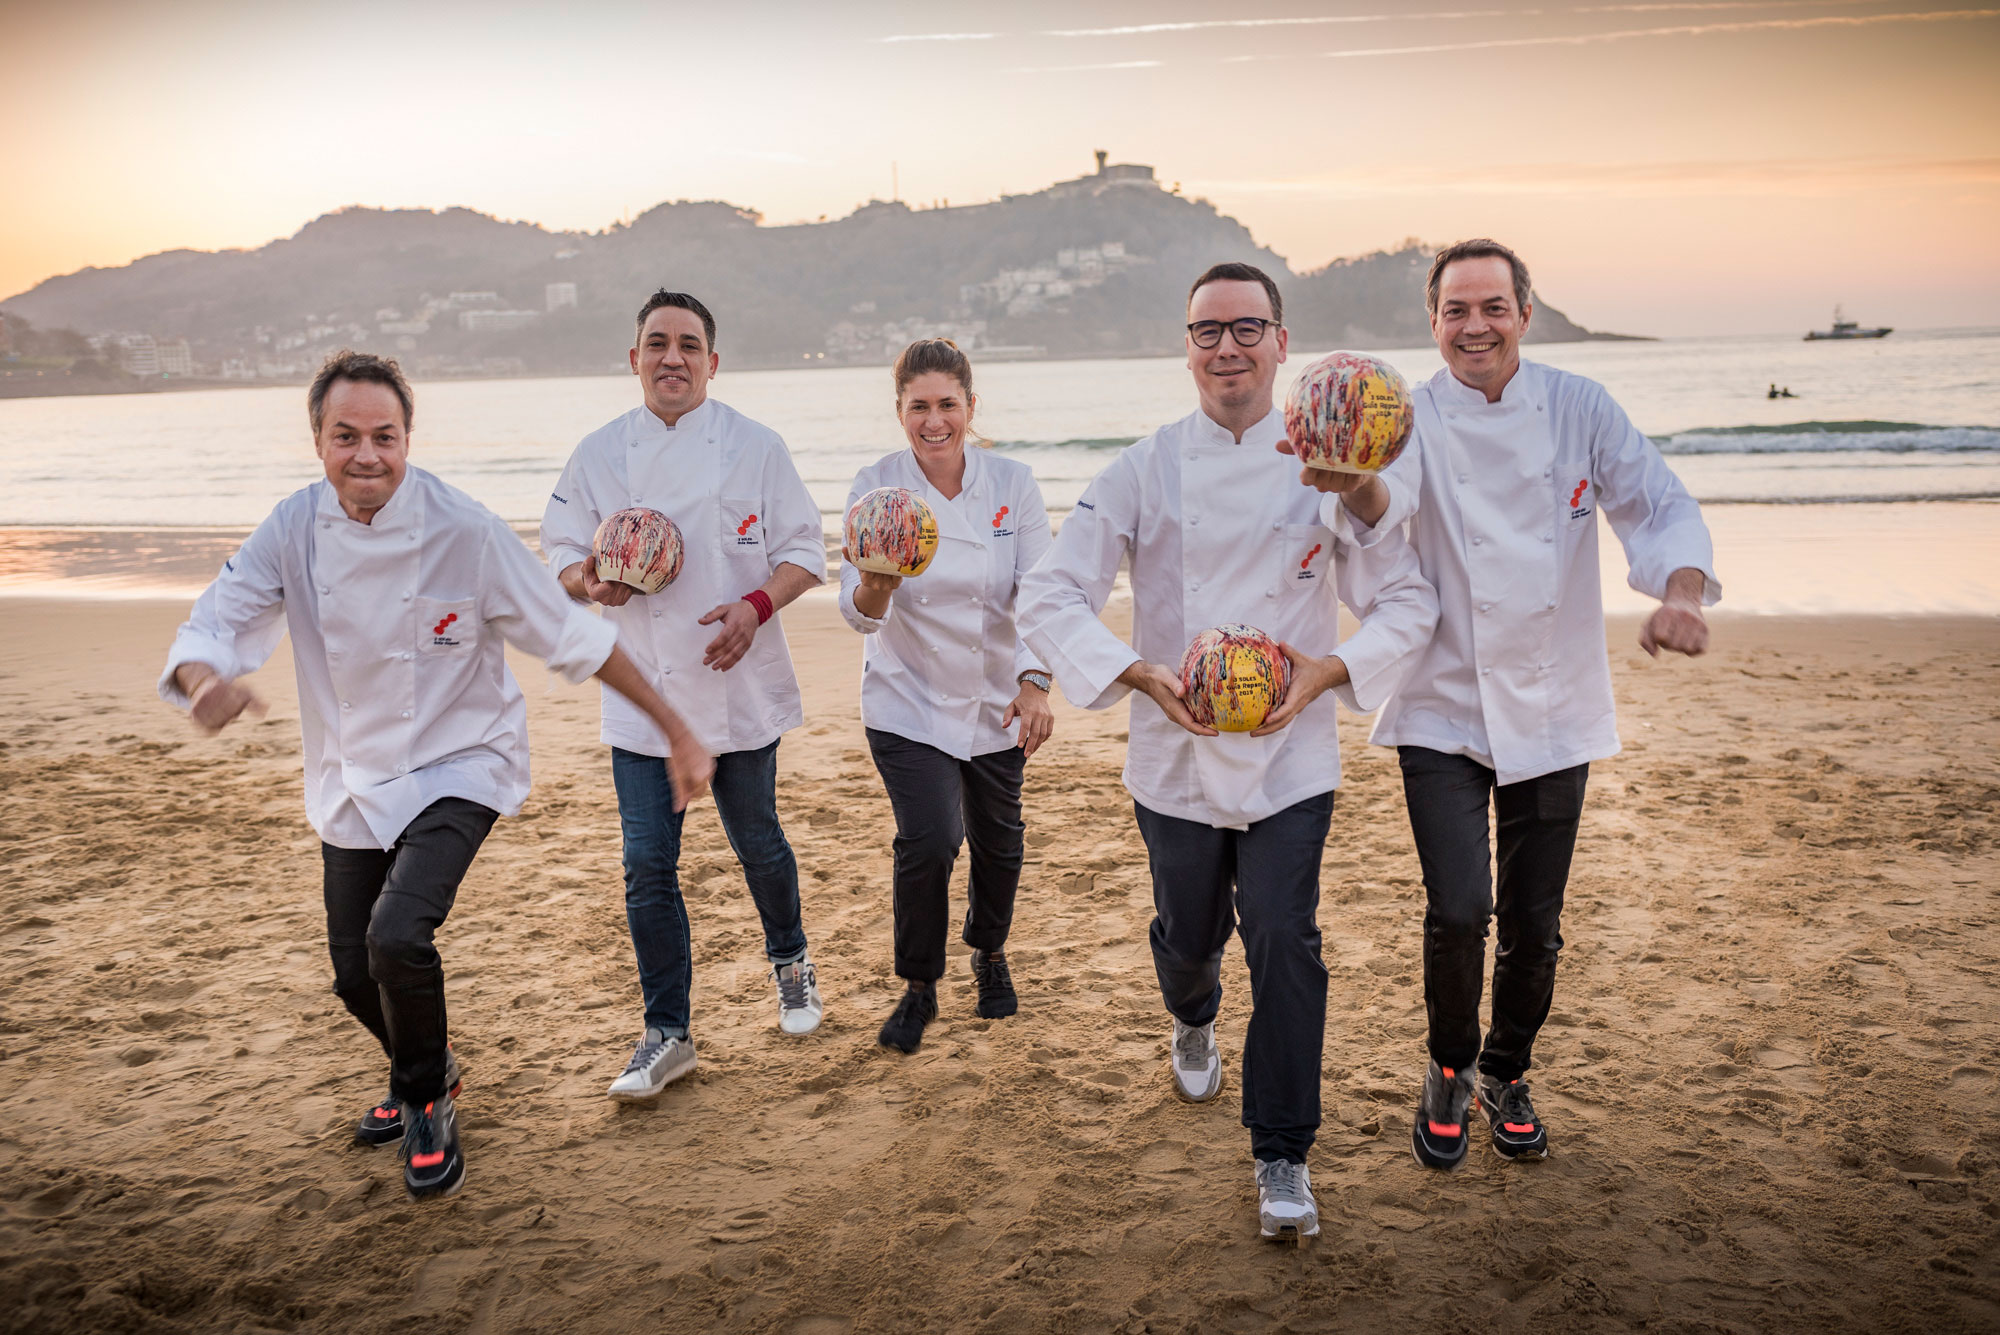 Los Torres, Ferruz, Maca de Castro y Paco Morales posan con sus Soles en la playa.